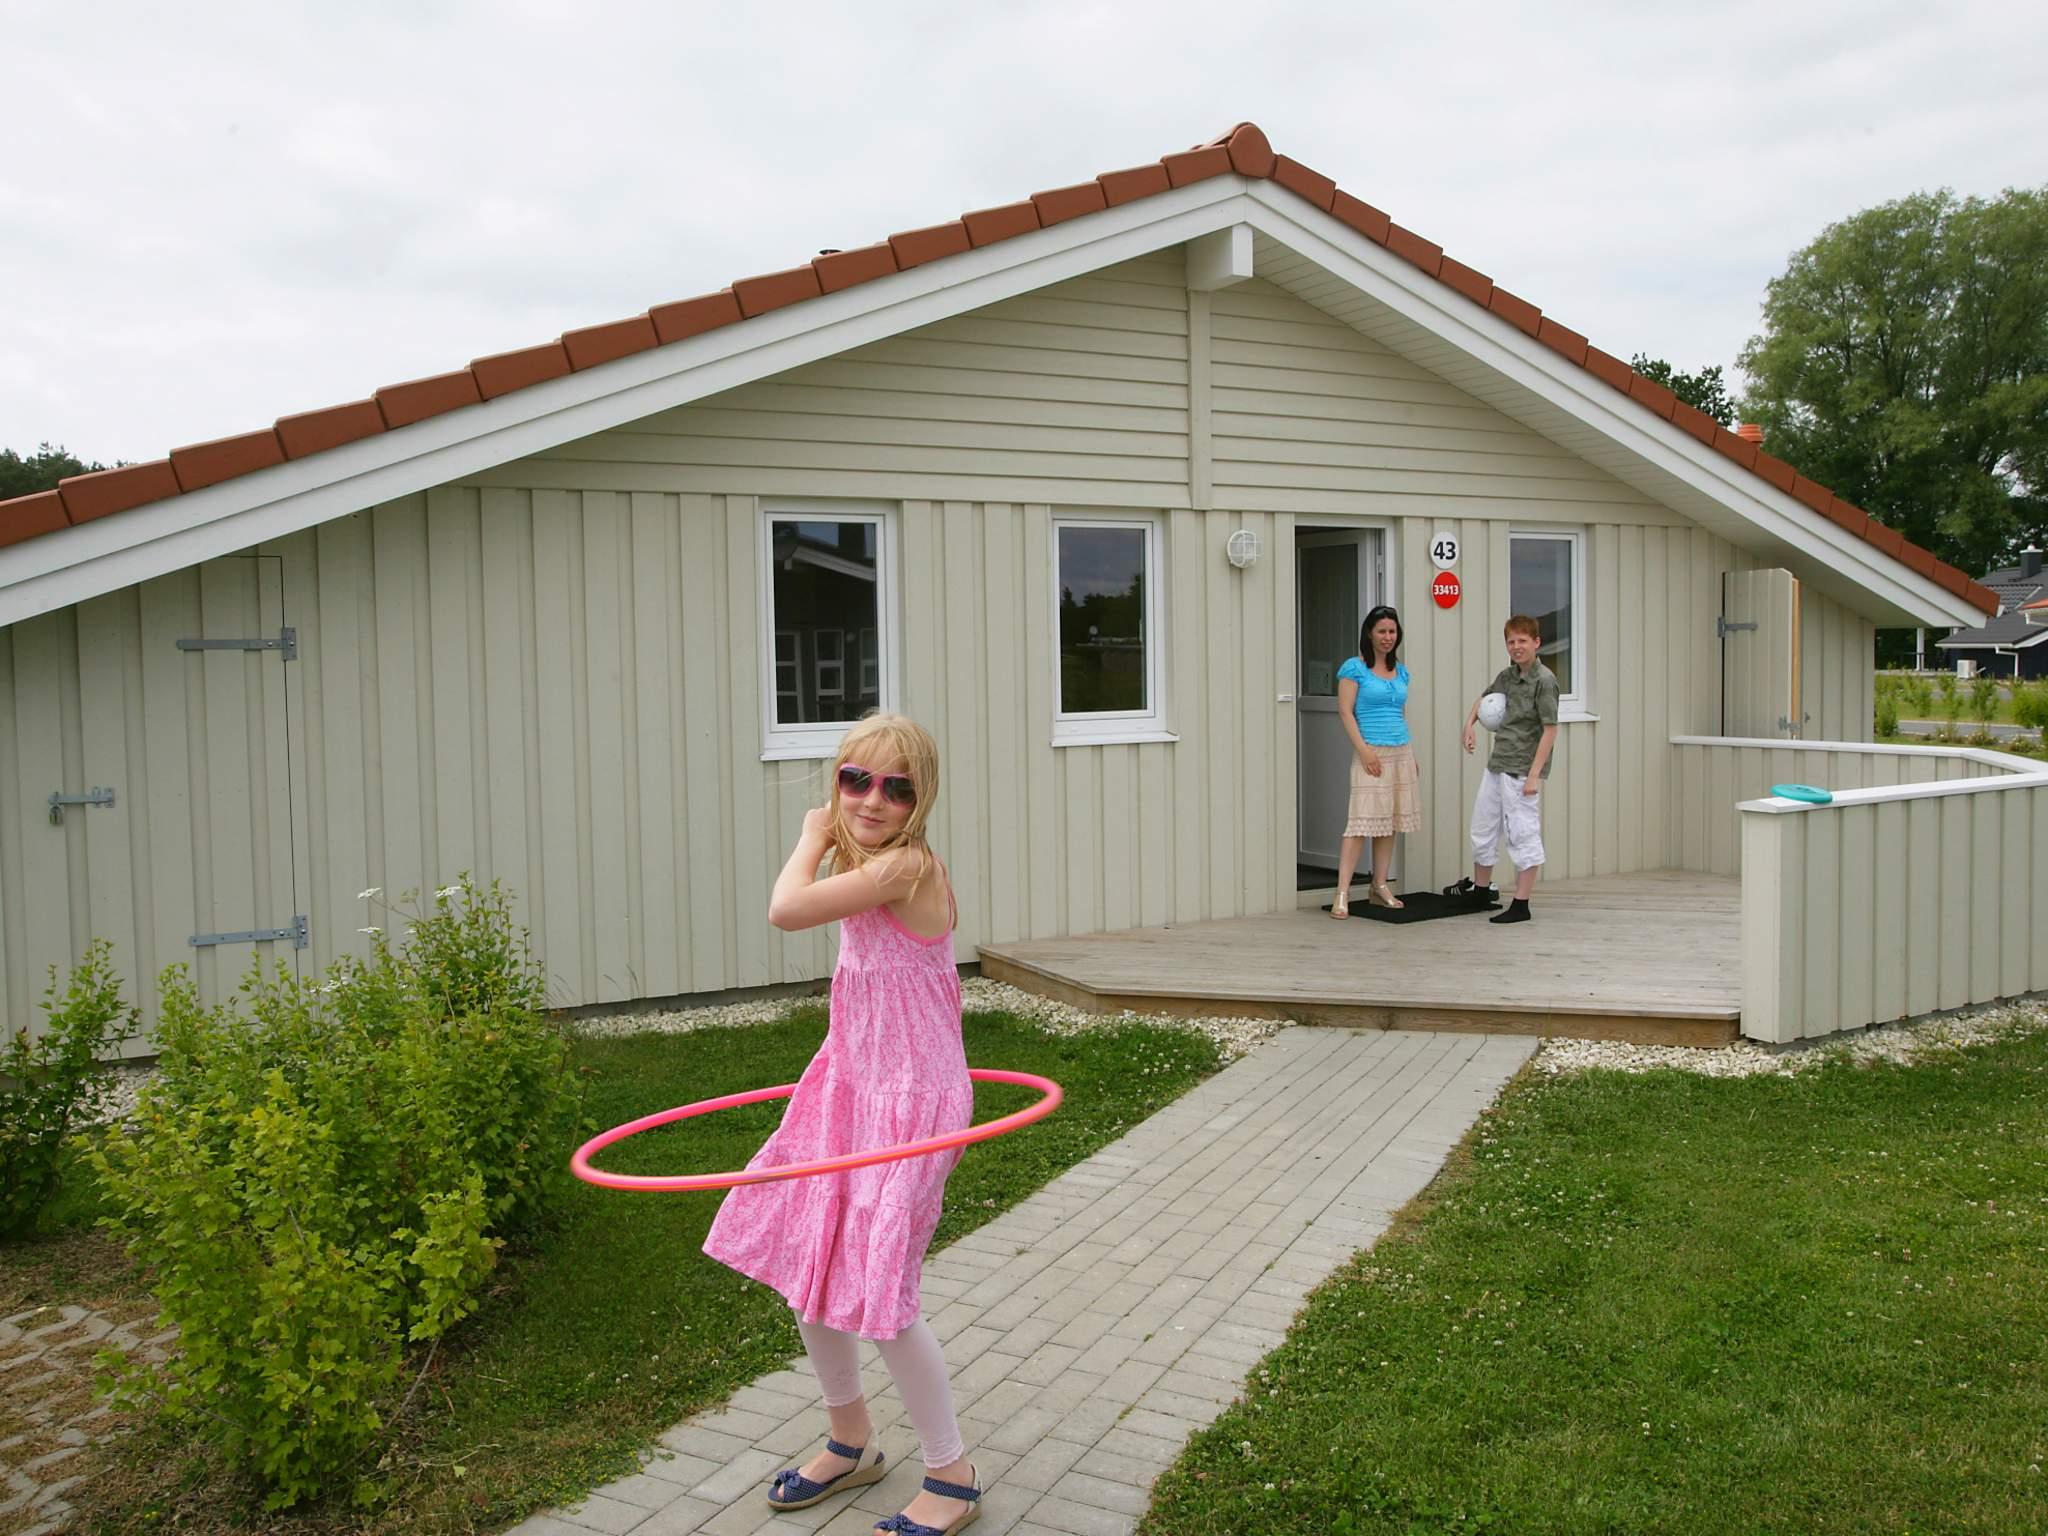 Maison de vacances Grömitz (361024), Grömitz, Baie de Lübeck, Schleswig-Holstein, Allemagne, image 11